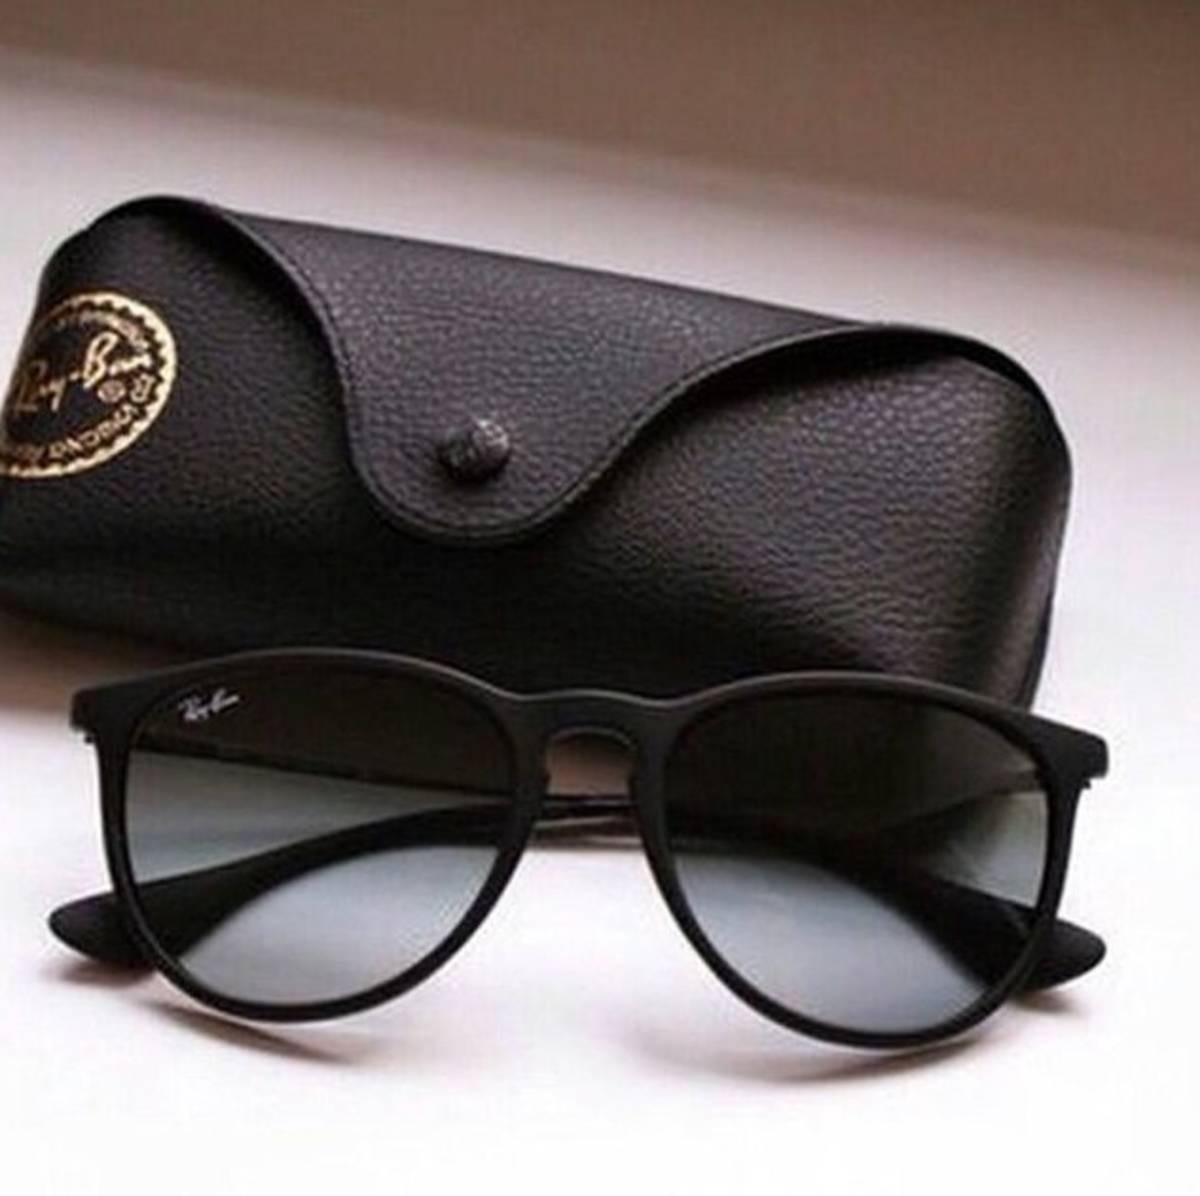 7db30e7e9 óculos de sol ray ban erika rb4171 gatinha preto feminino. Carregando zoom.